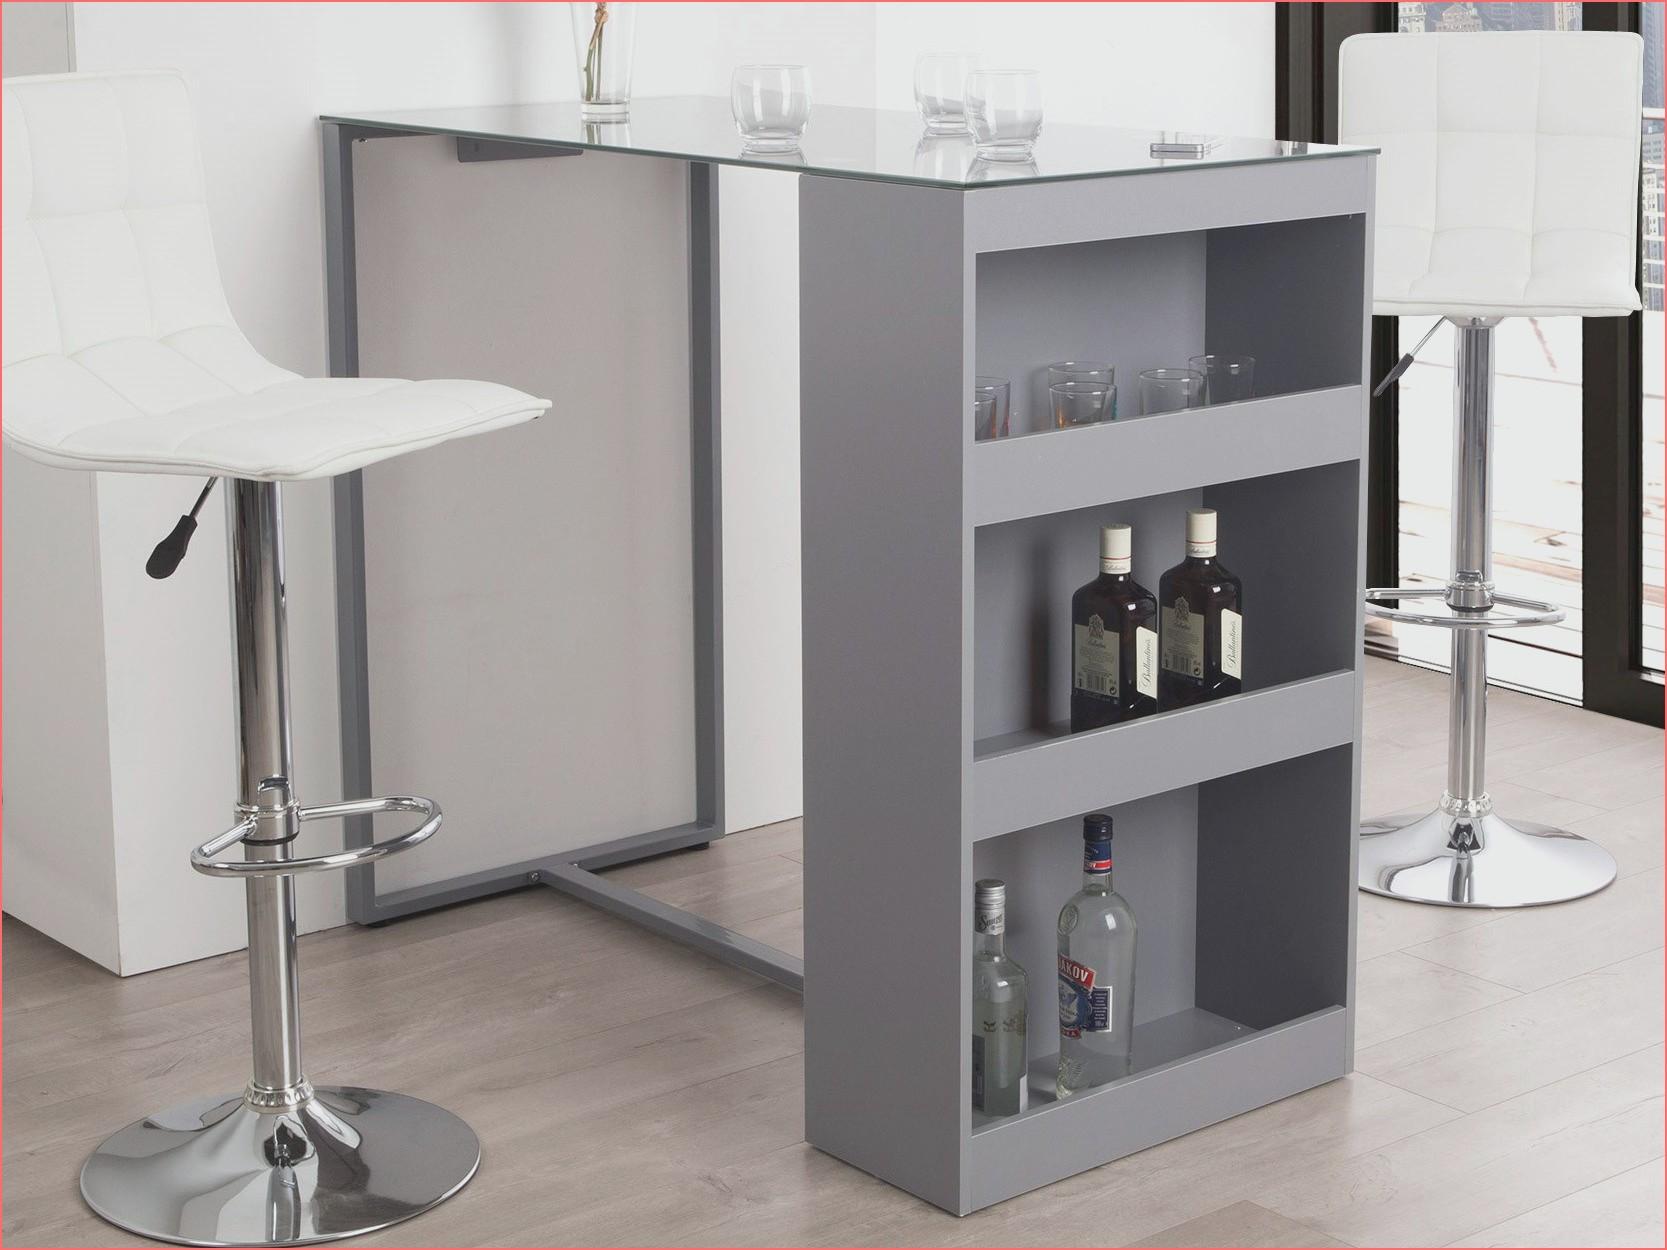 Table haute bar avec rangement - Atwebster.fr - Maison et mobilier